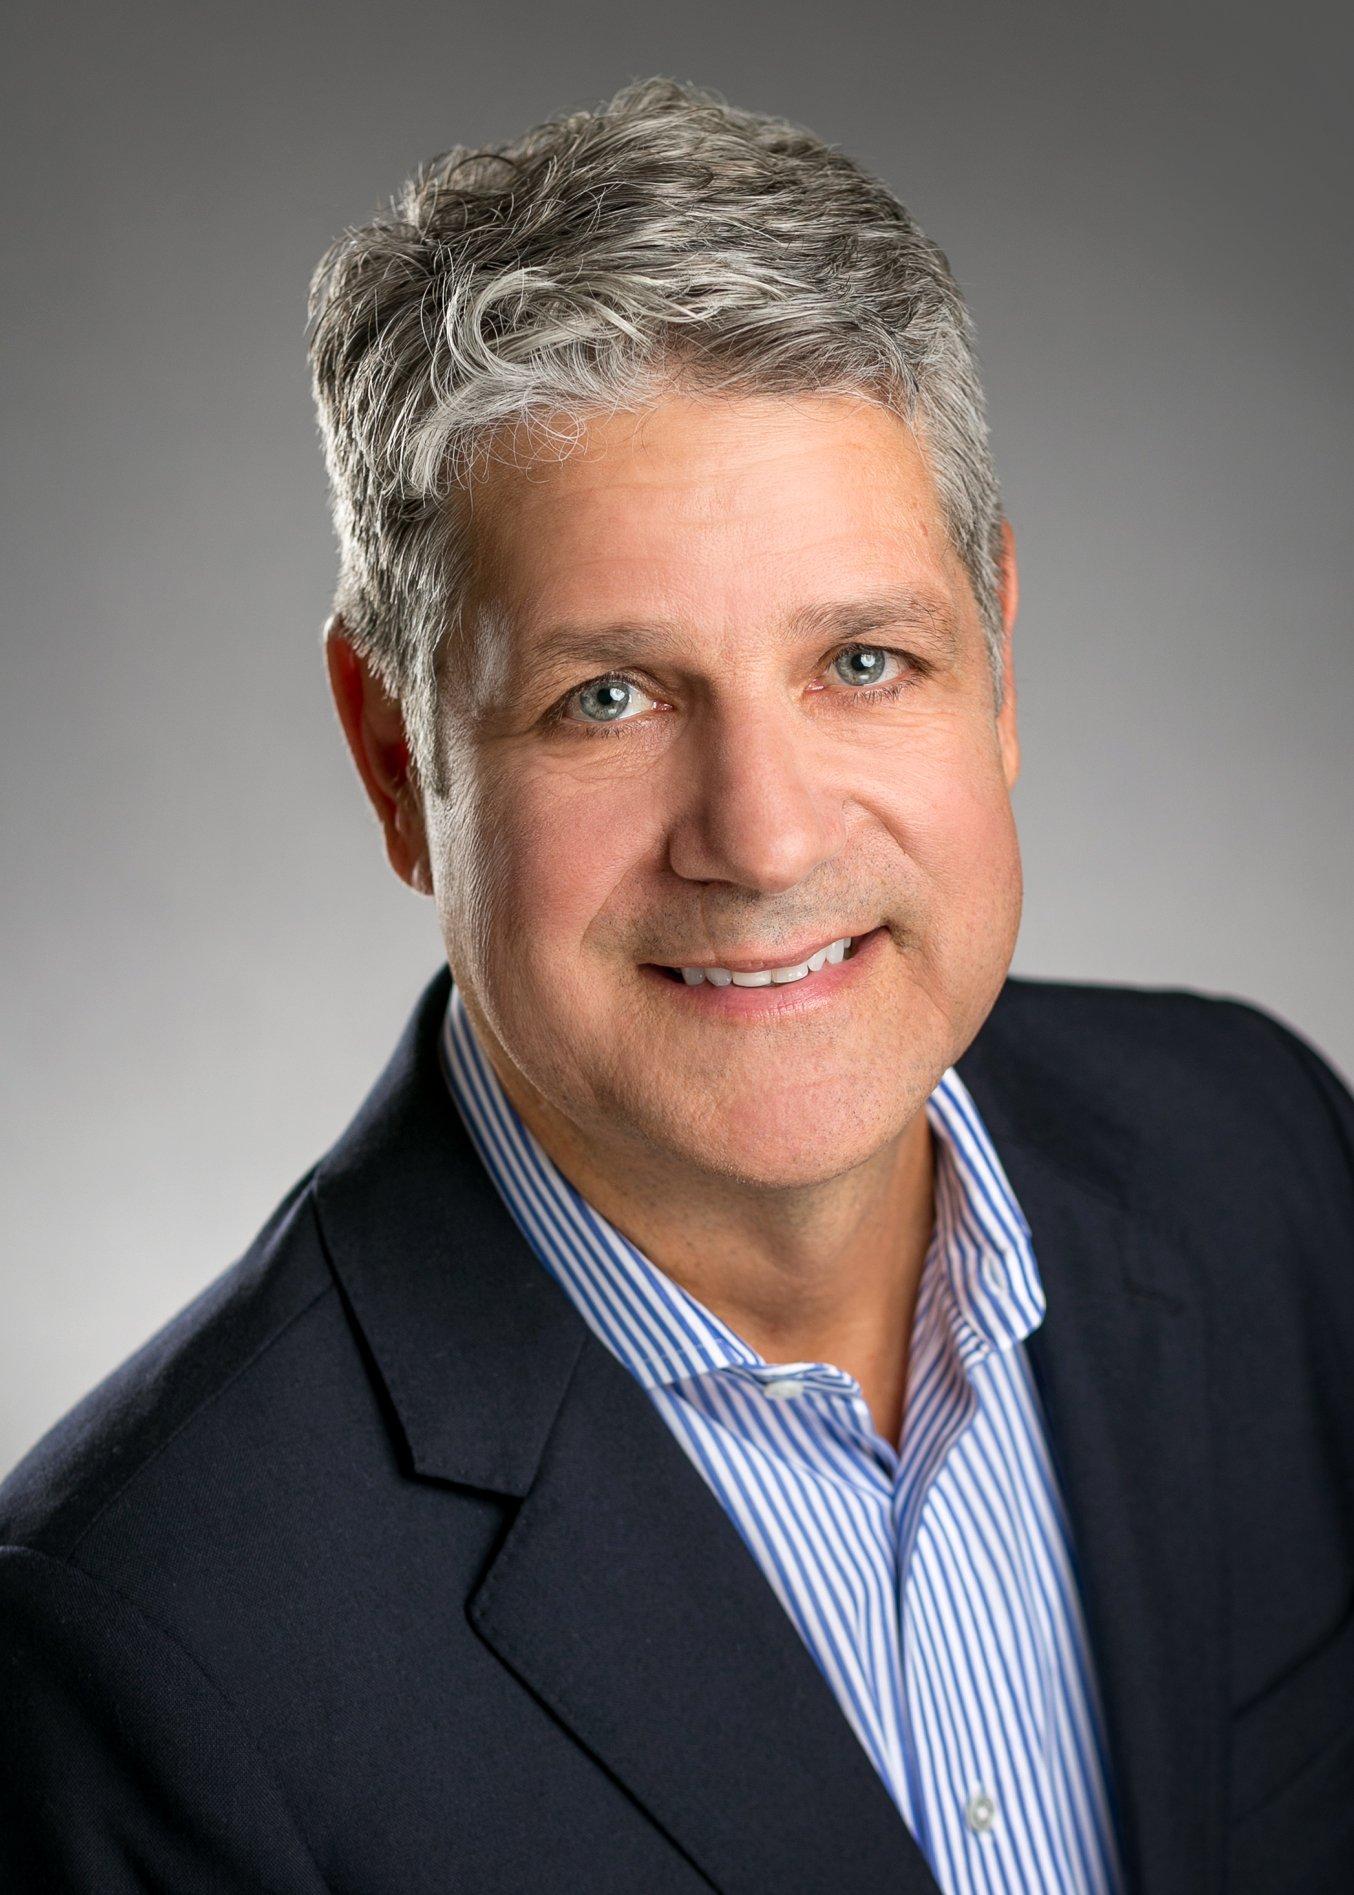 Chris Farrugia, D.D.S.